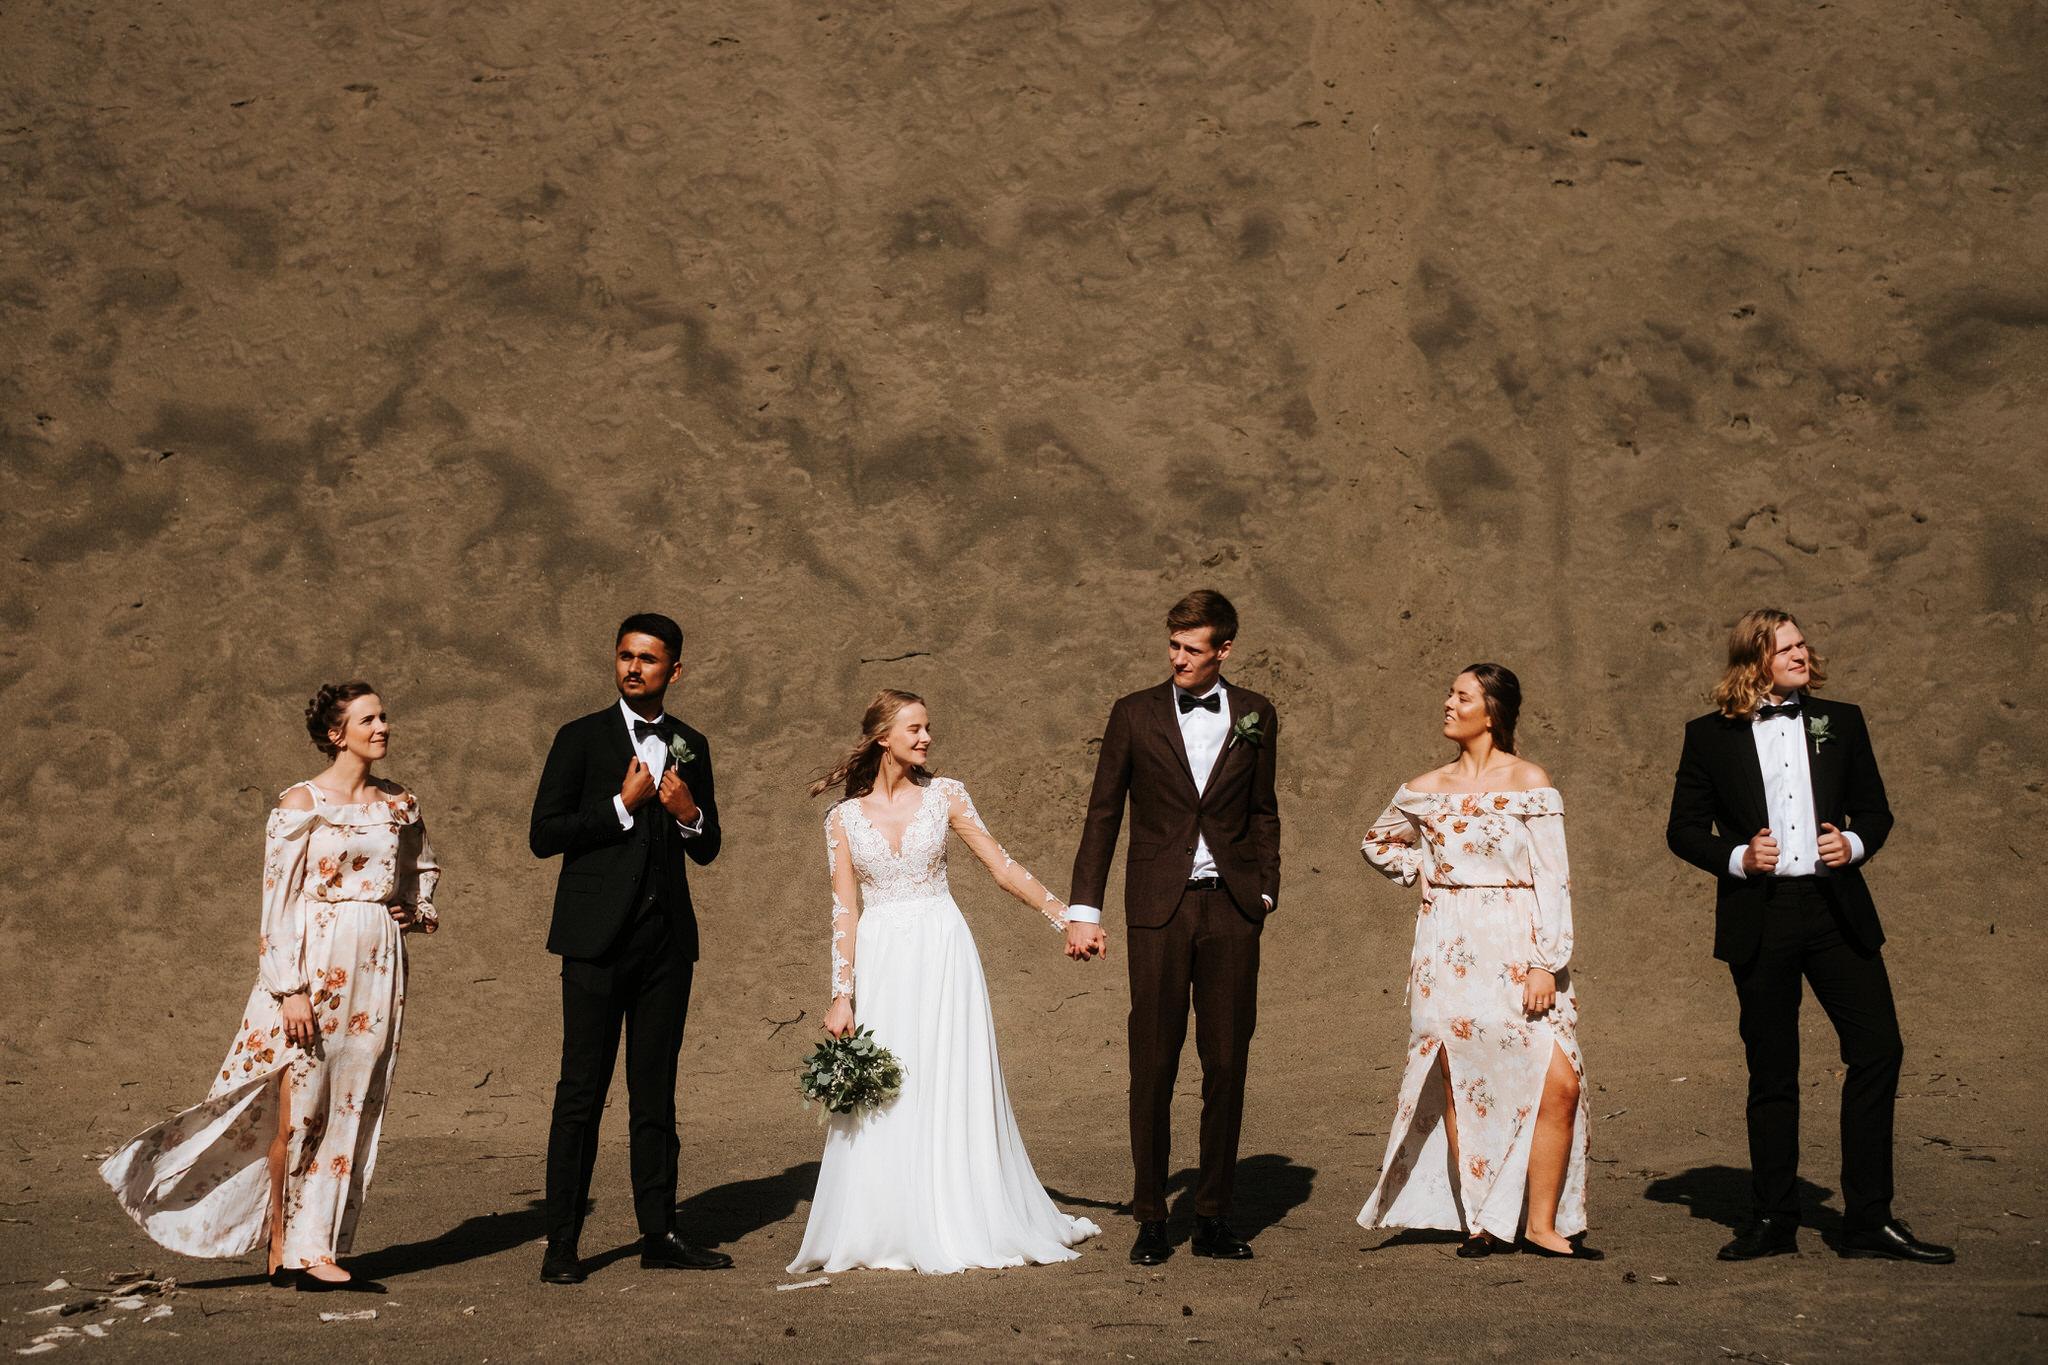 sokndal egersund bryllupsfotograf 031.JPG